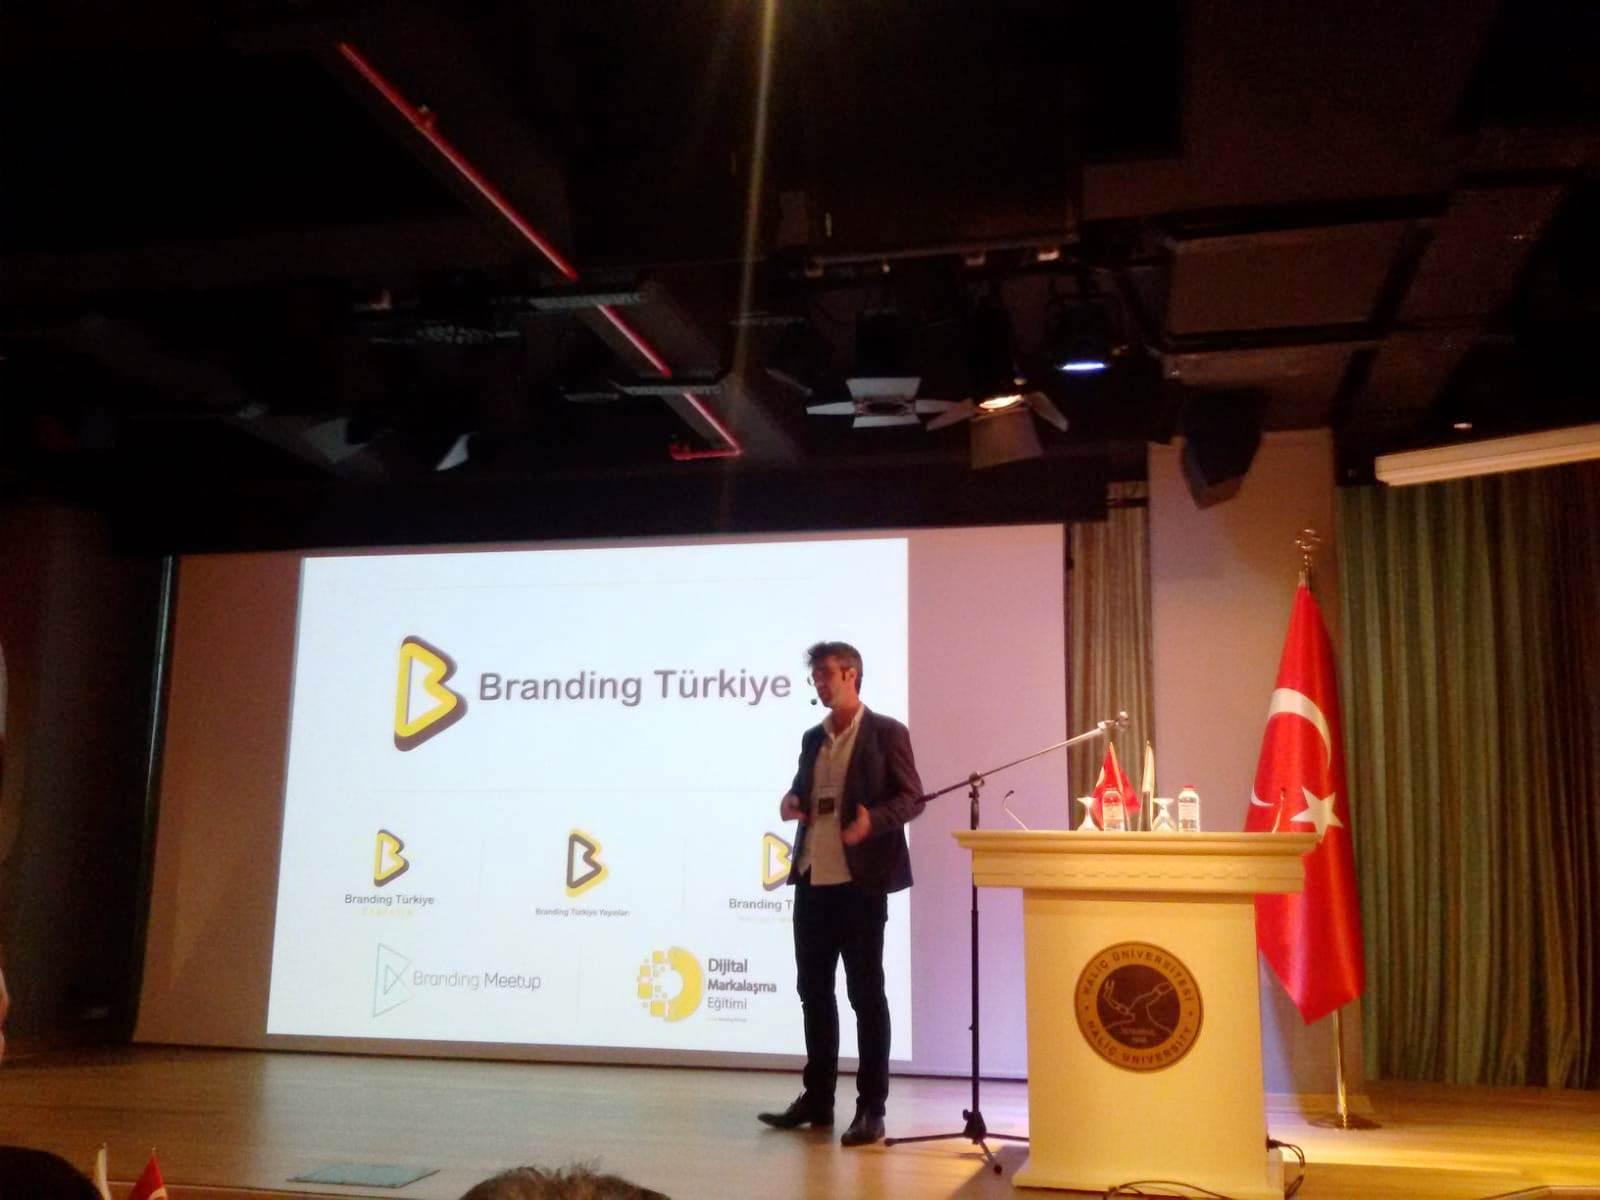 Haliç Üniversitesi - Mürsel Ferhat Sağlam